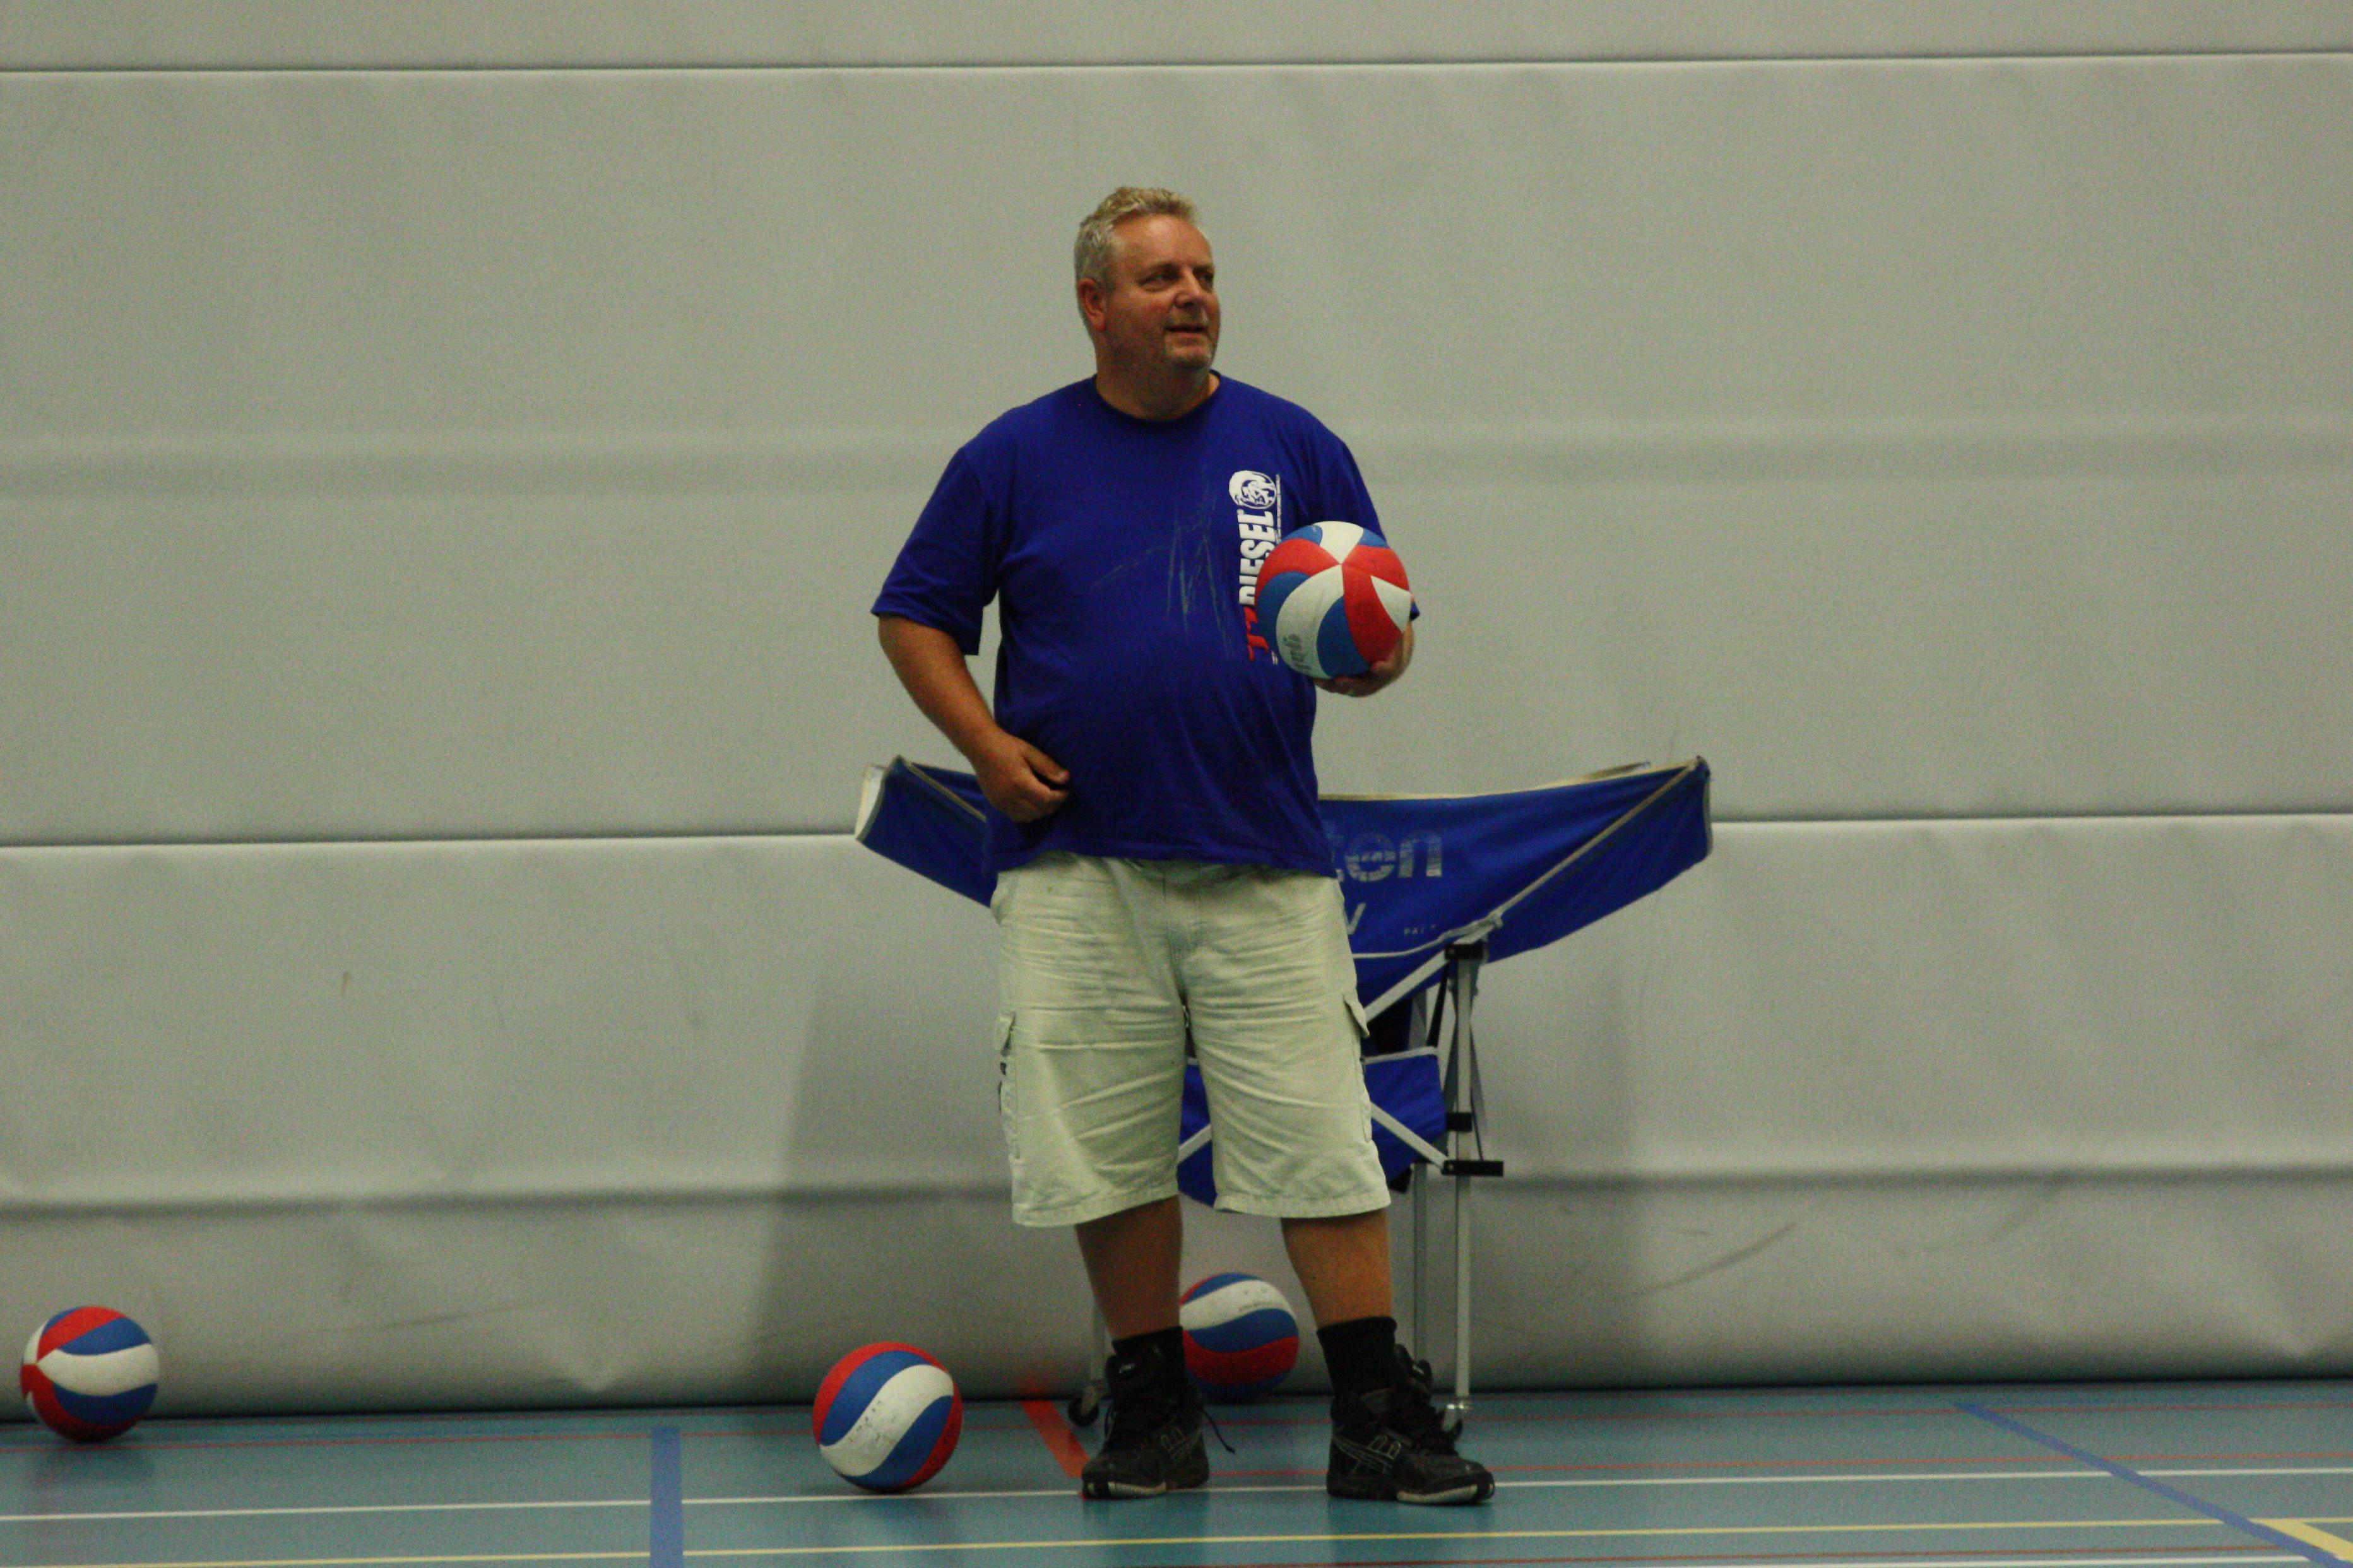 Nieuwe coach Derk de Saegher wil de komende jaren met volleybalsters van Huizen stap maken naar eredivisie